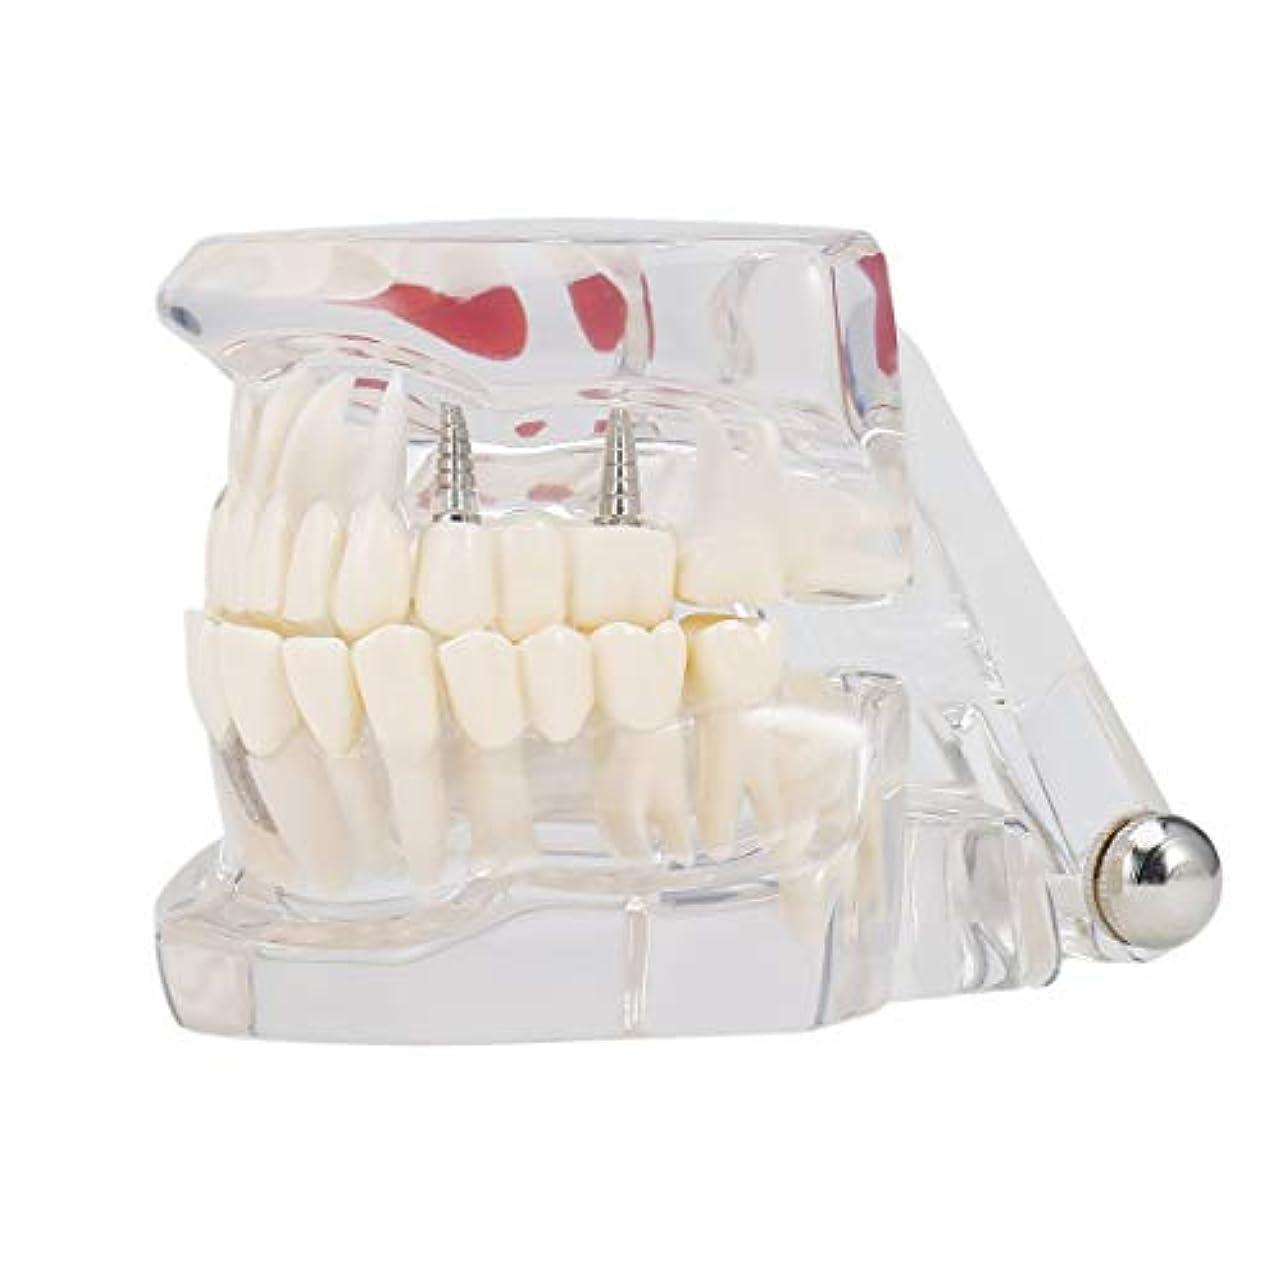 磁気エントリ美徳専門の取り外し可能な偽の歯の歯の病気のモルデルの歯科インプラント回復表示医院の病院の教育使用 (色:黒)(Rustle666)